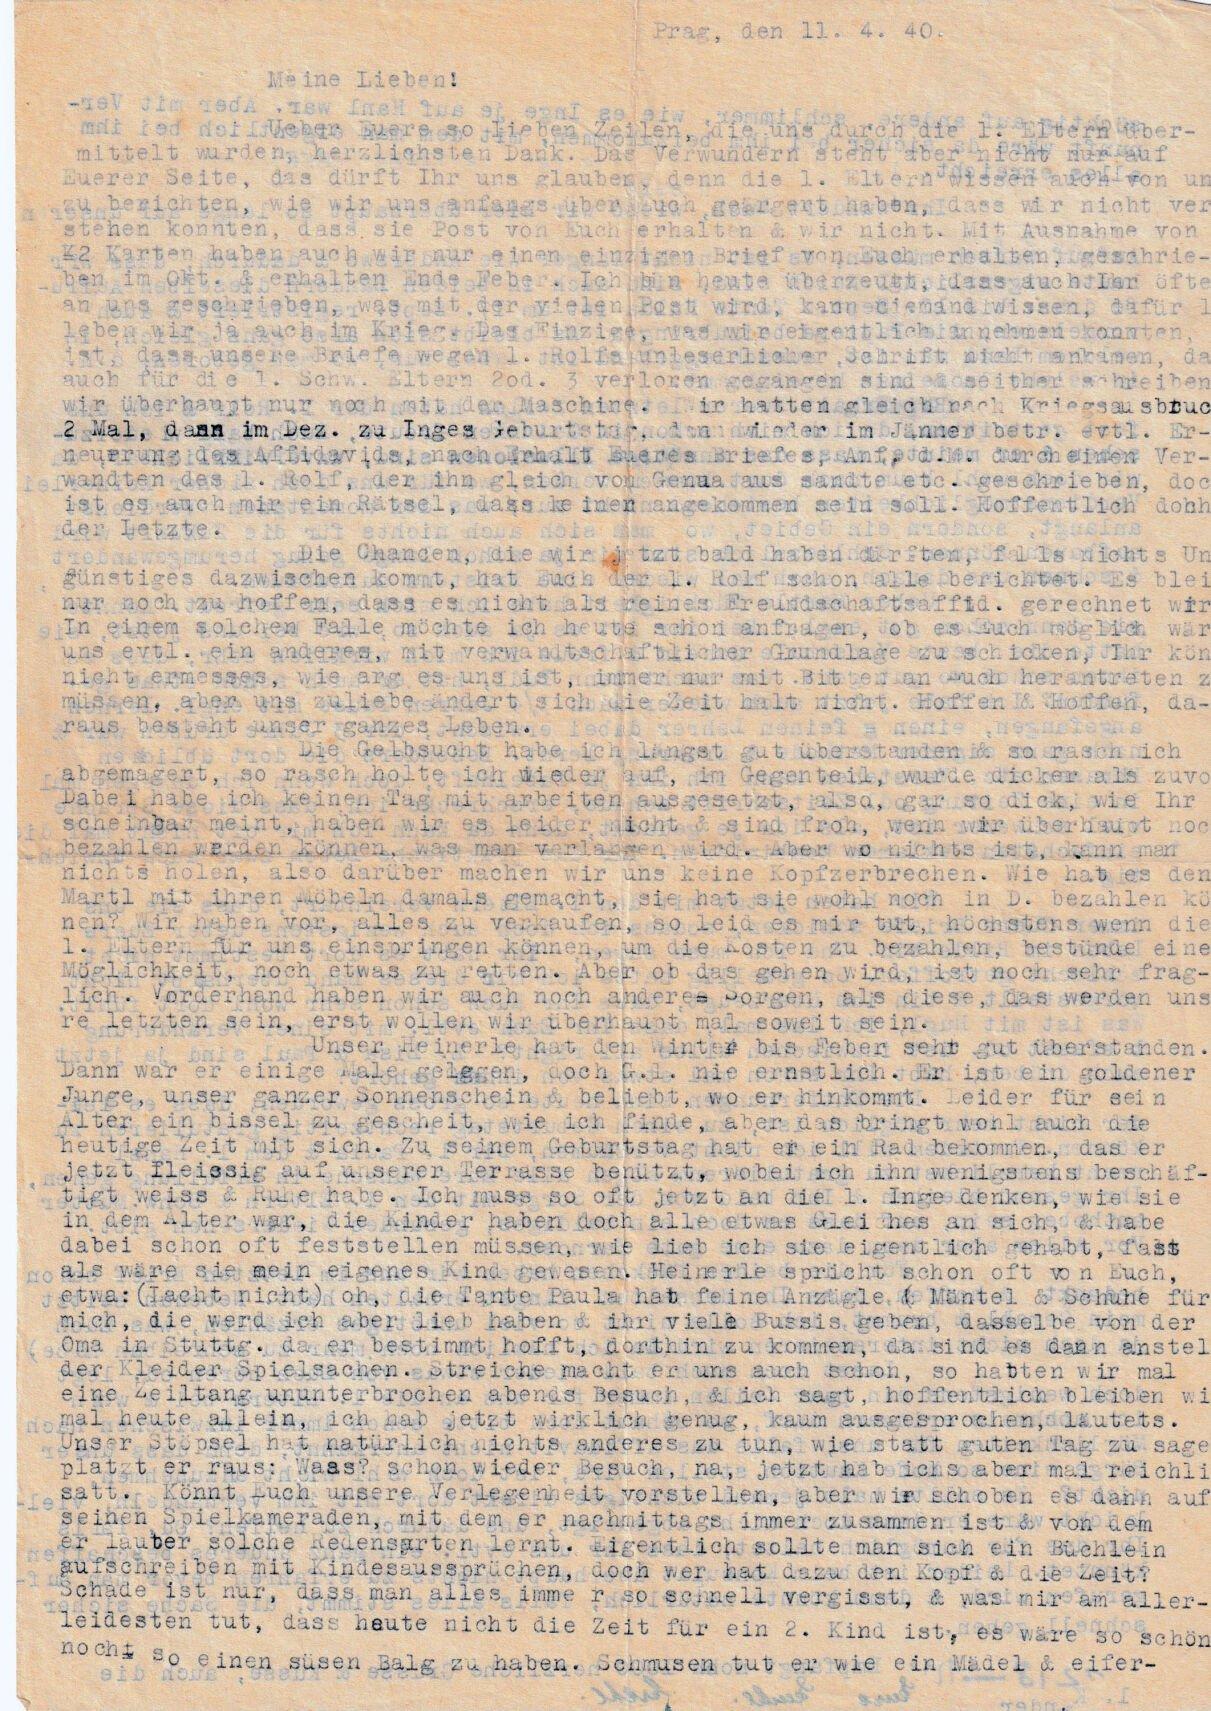 Allen letter